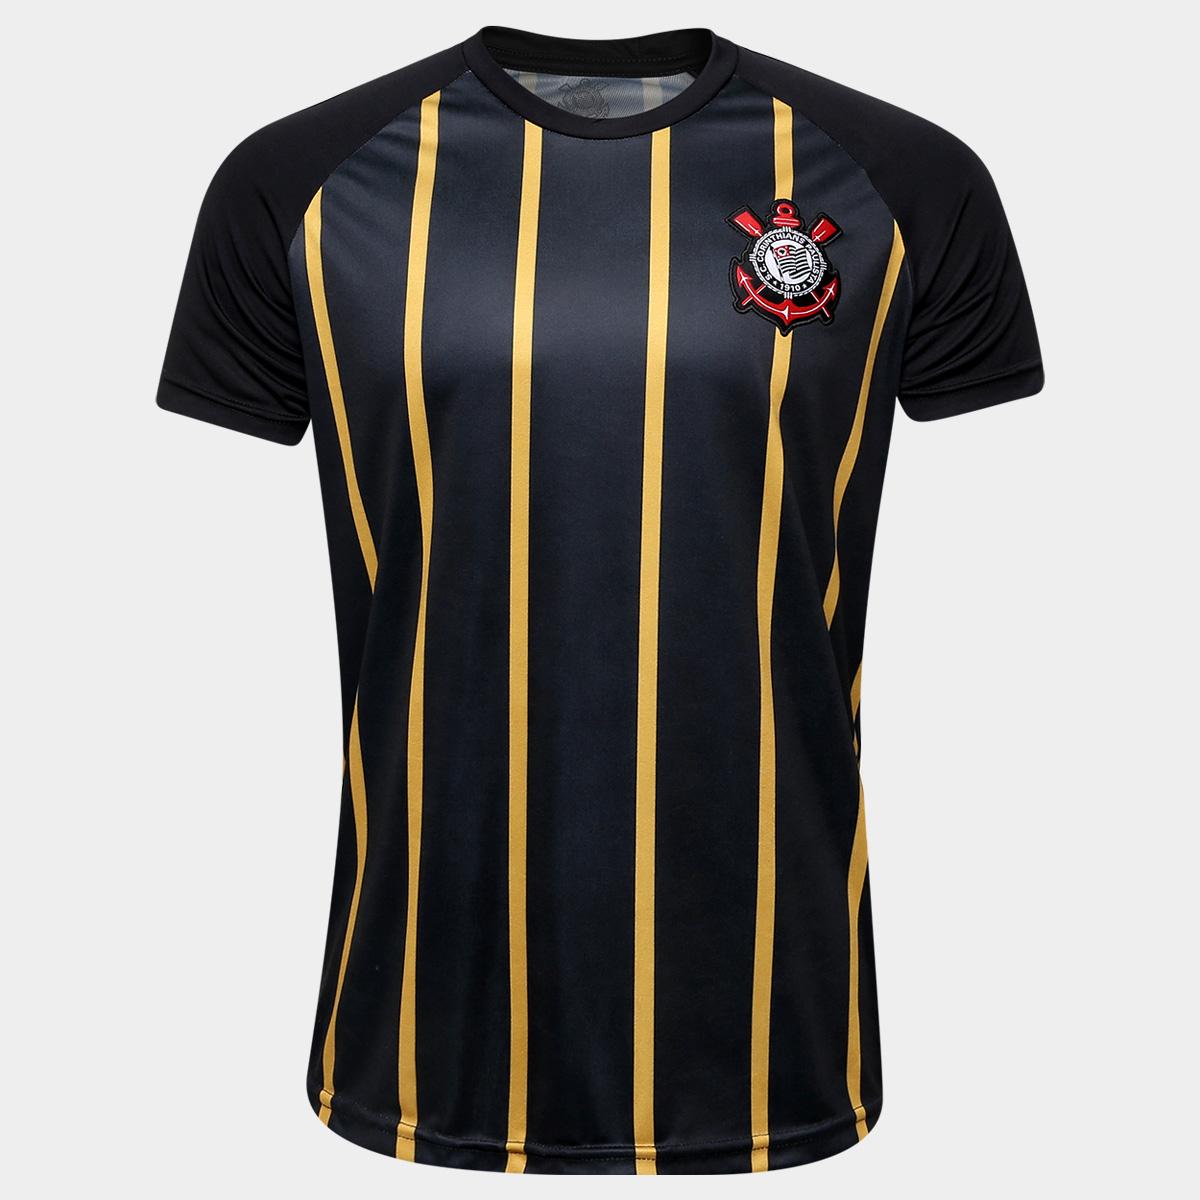 Cupom de desconto - 50% OFF em Camisa Corinthians Gold - Edição Limitada Masculina